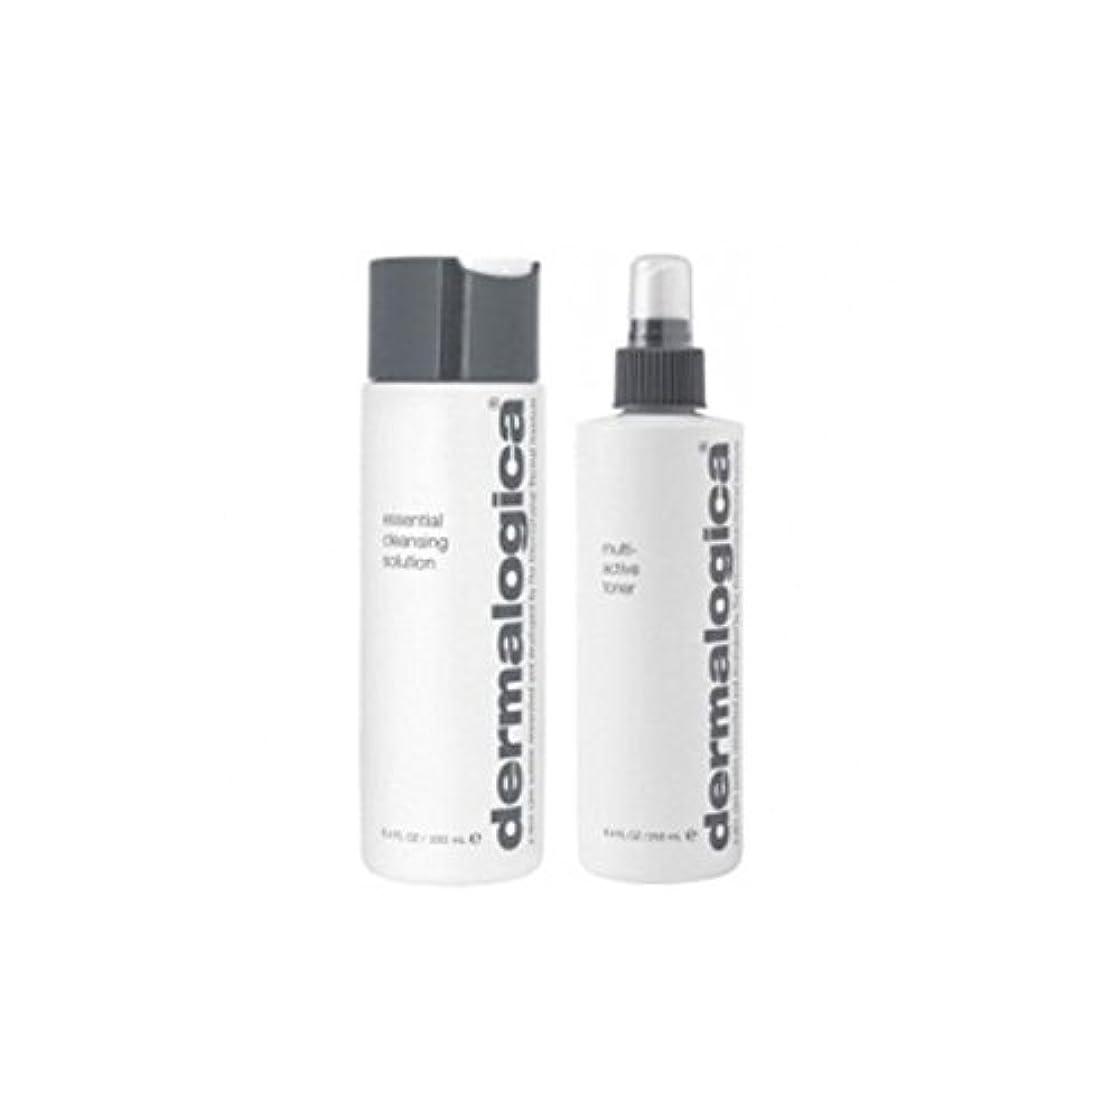 野心的無駄ブロックするDermalogica Cleanse & Tone Duo - Dry Skin (Pack of 6) - ダーマロジカクレンジング&トーンデュオ - 乾燥肌 x6 [並行輸入品]